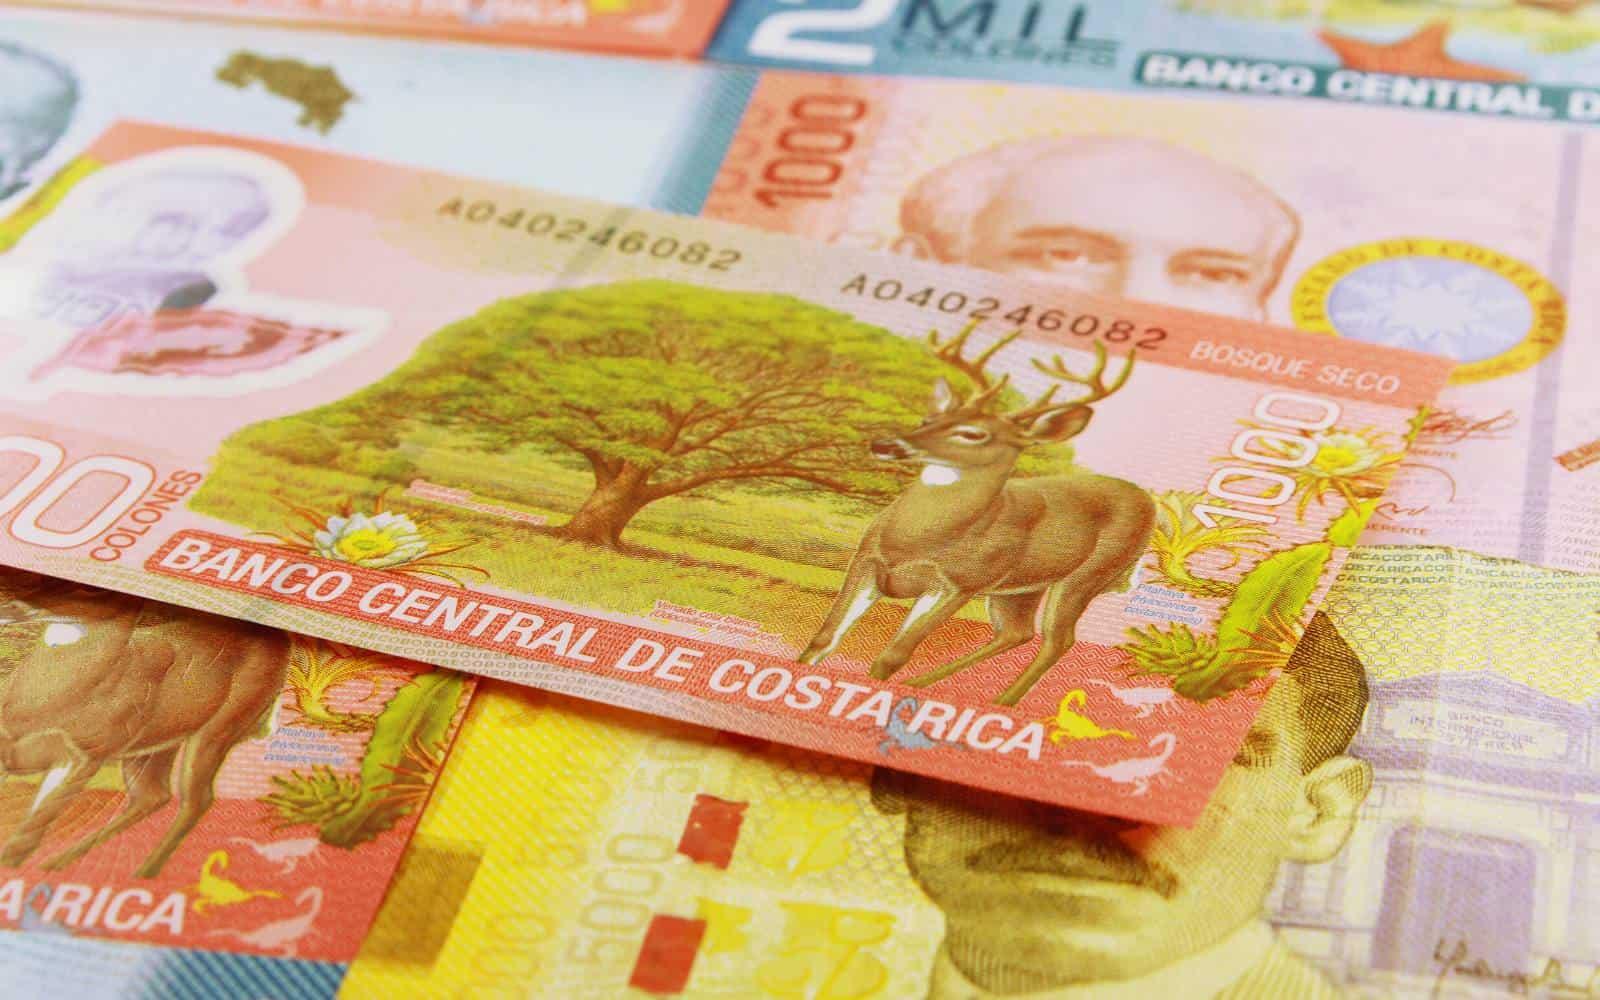 Inviare soldi in Costa Rica bonifici denaro